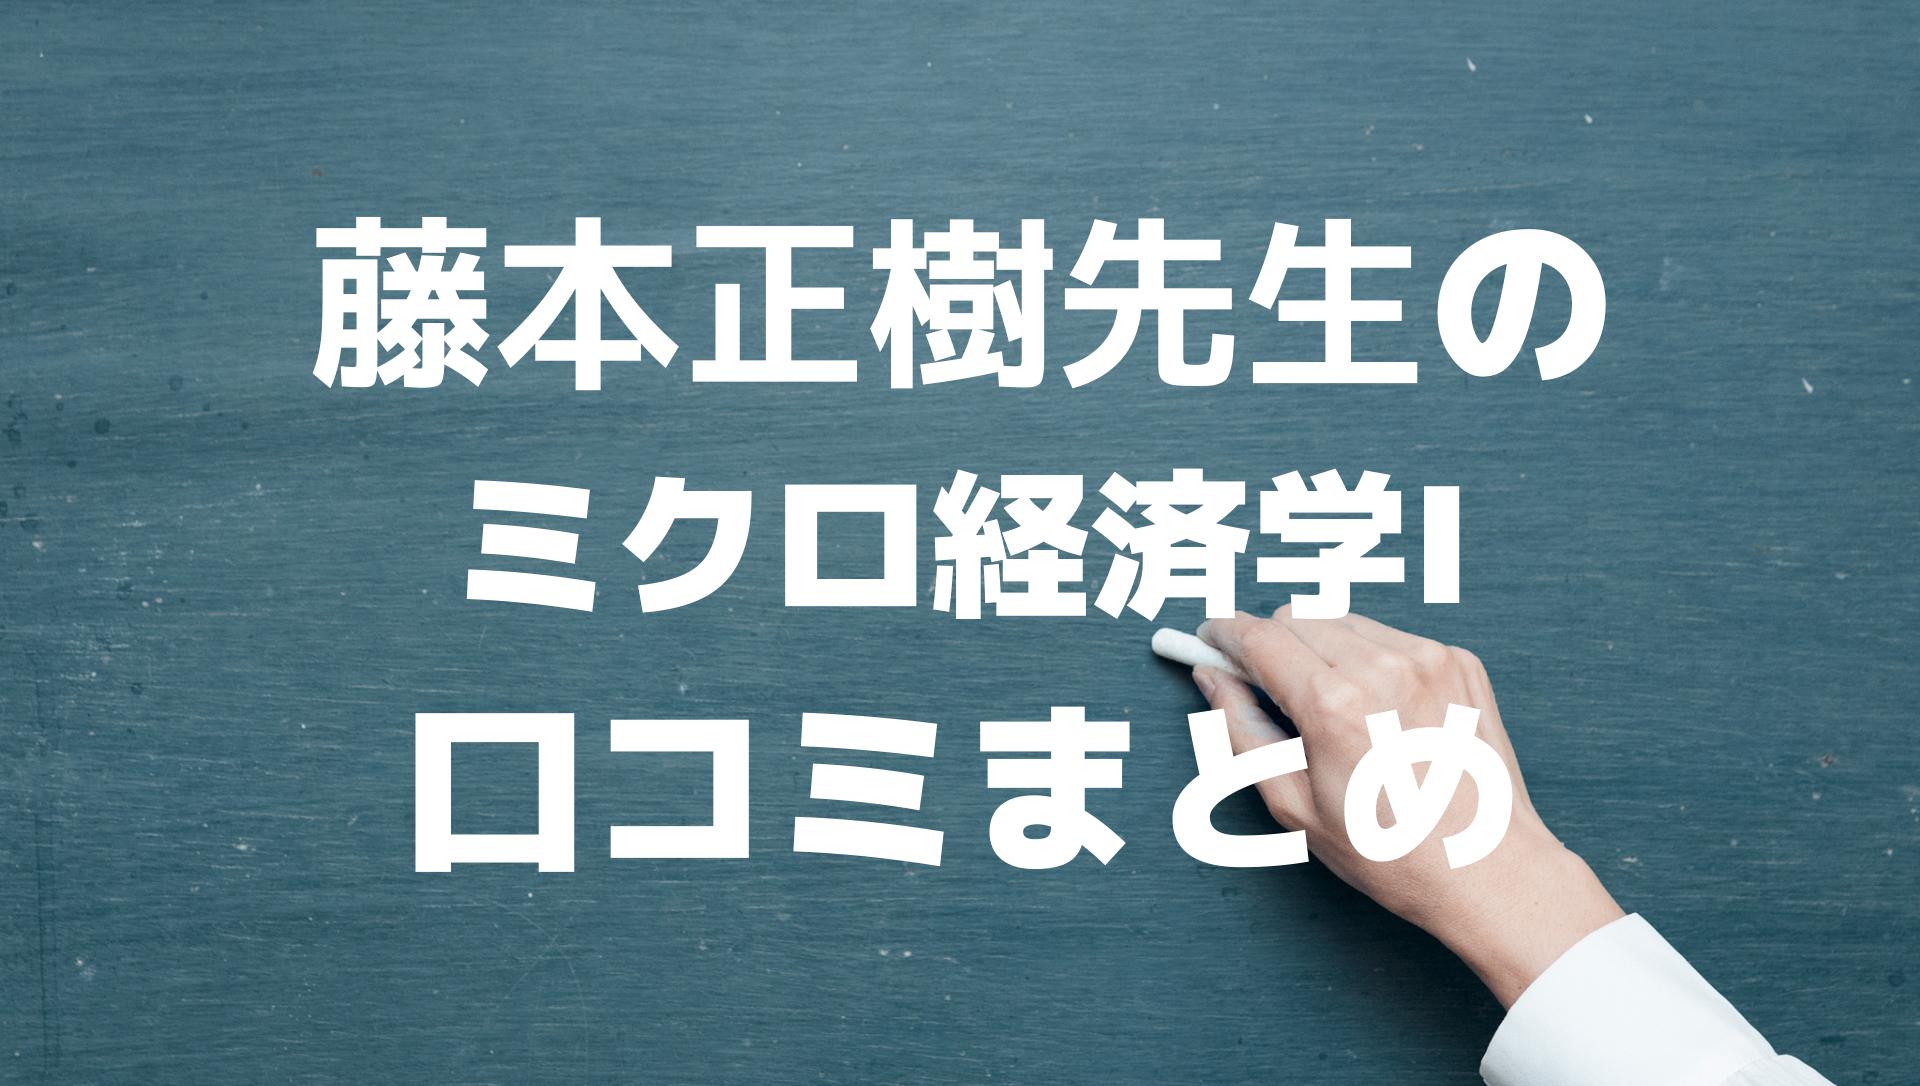 藤本正樹先生のミクロ経済学I